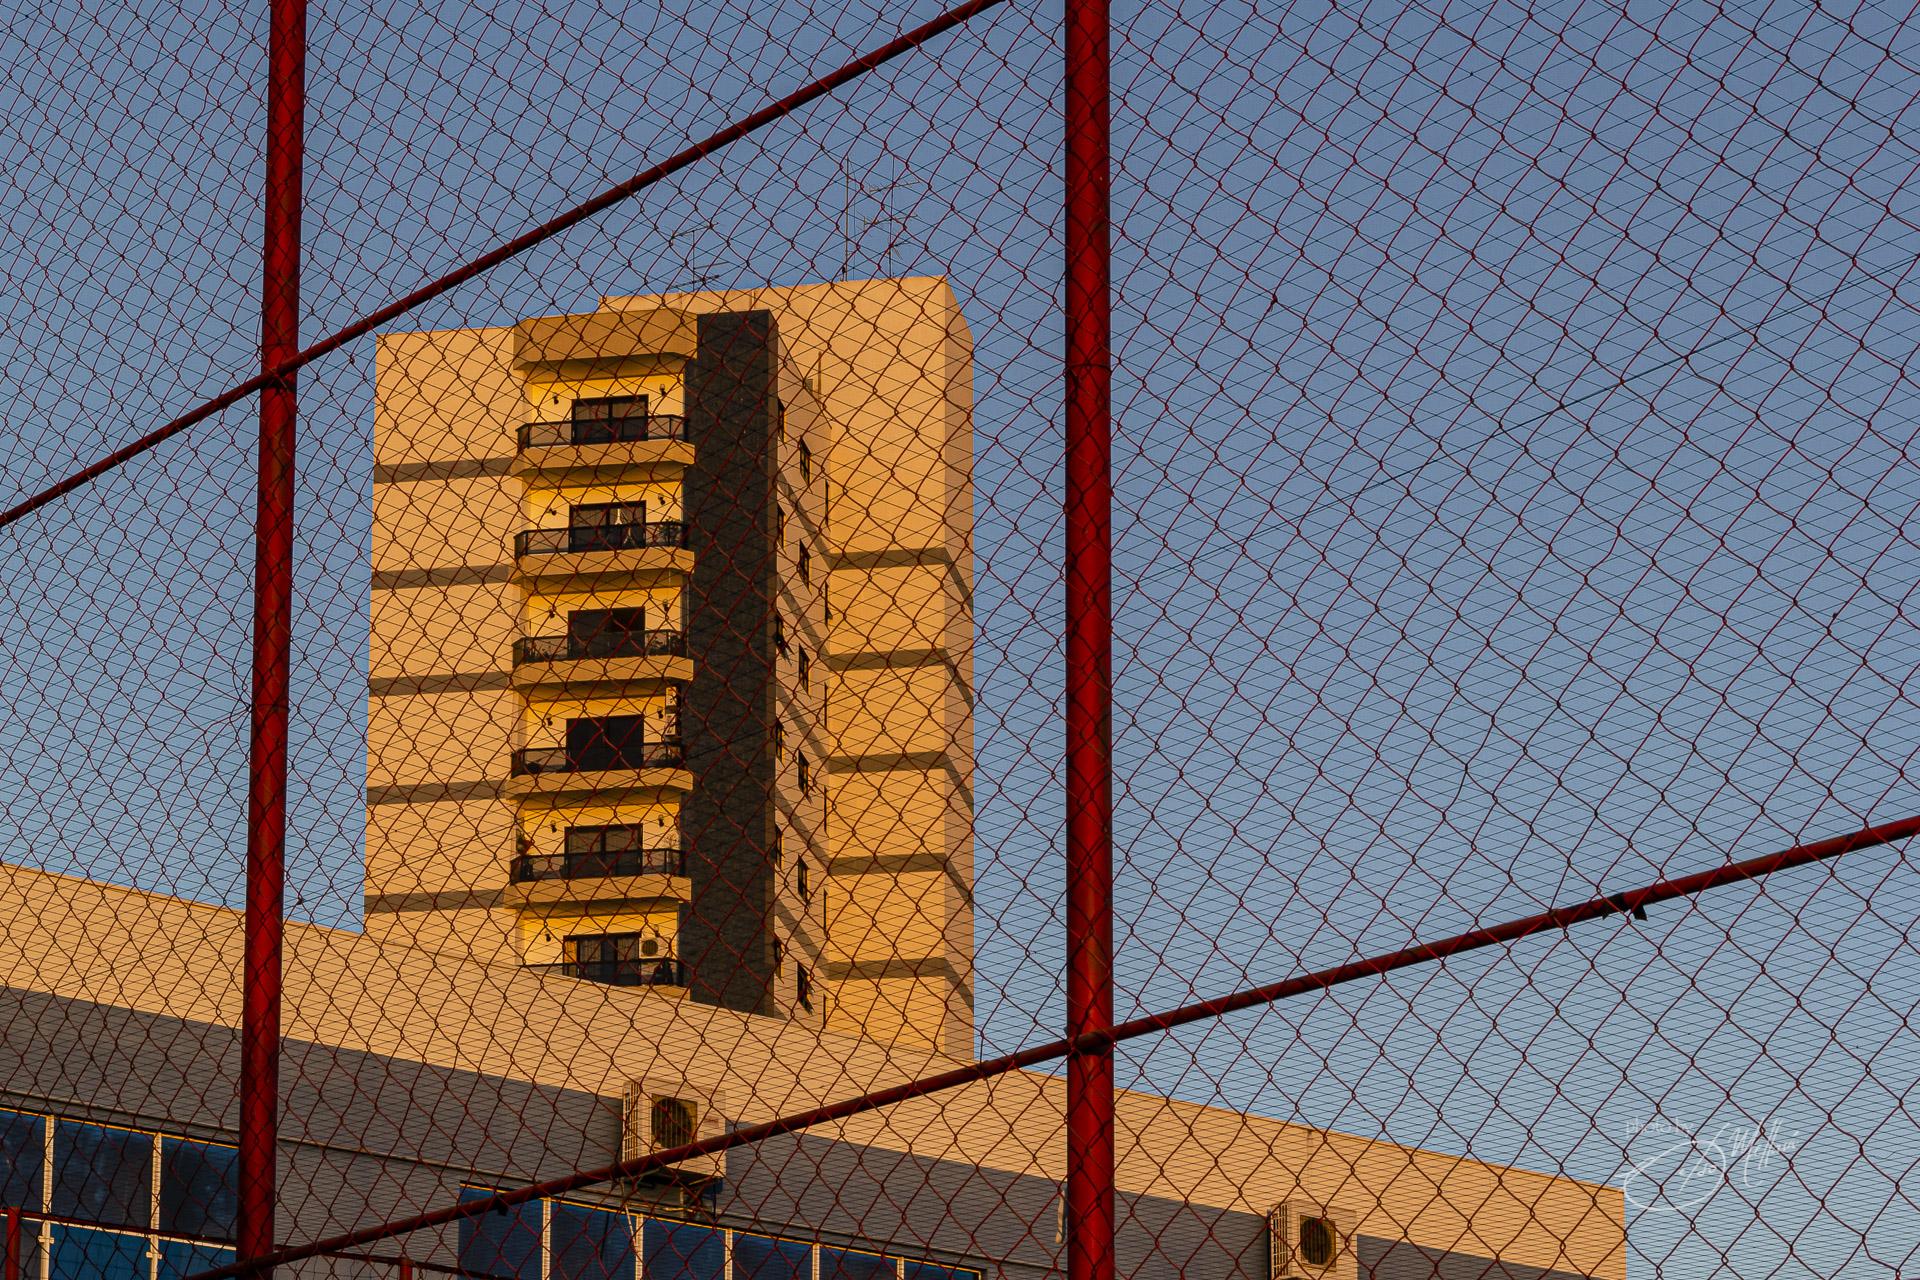 behind bars-2